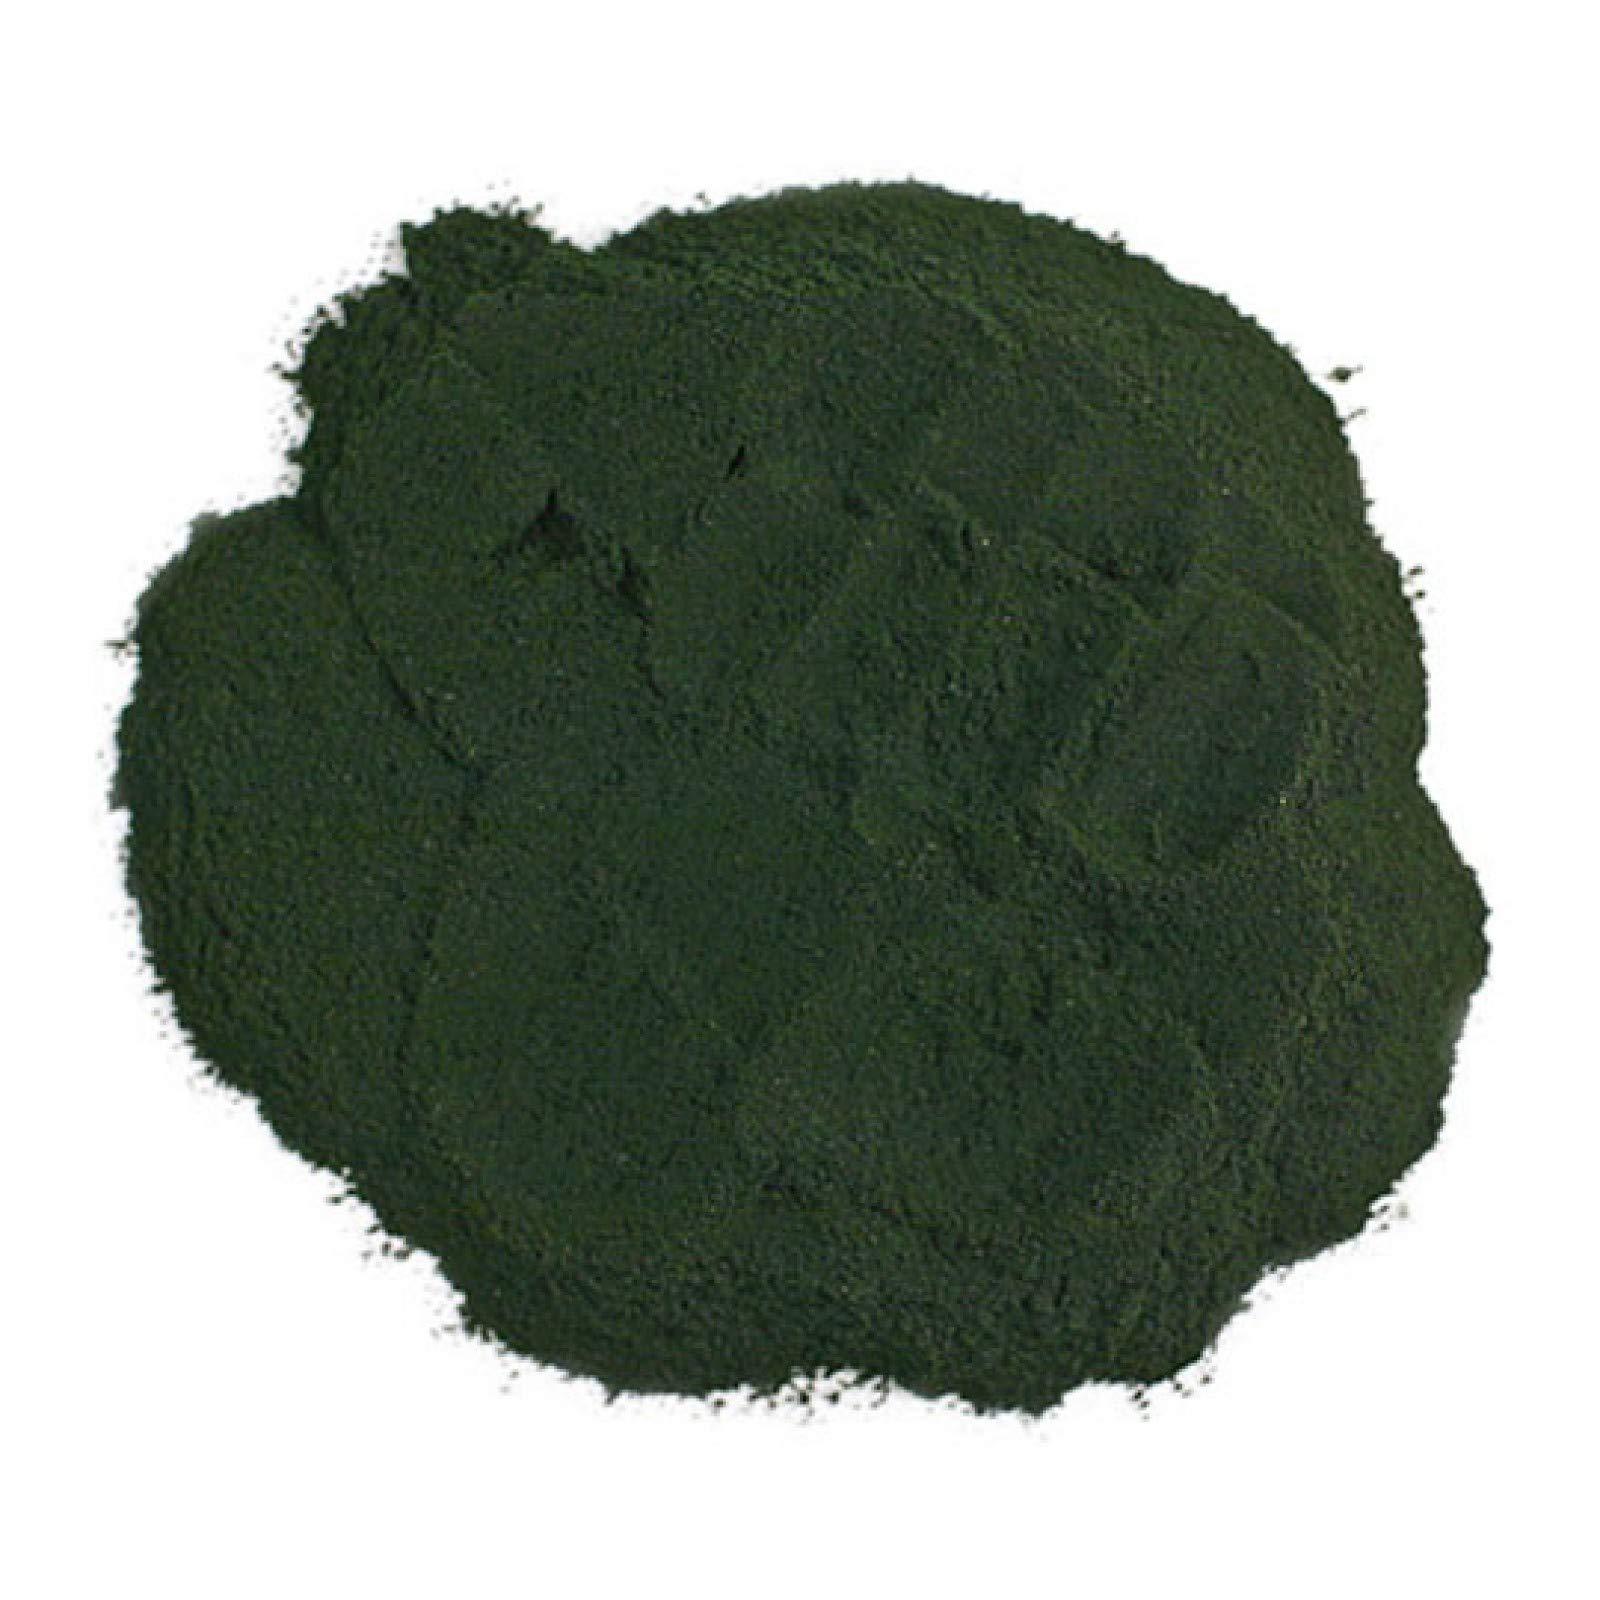 case of 8 packs, 25kg/pack, blue-green algae powder, seaweed powder by Hello Seaweed (Image #5)